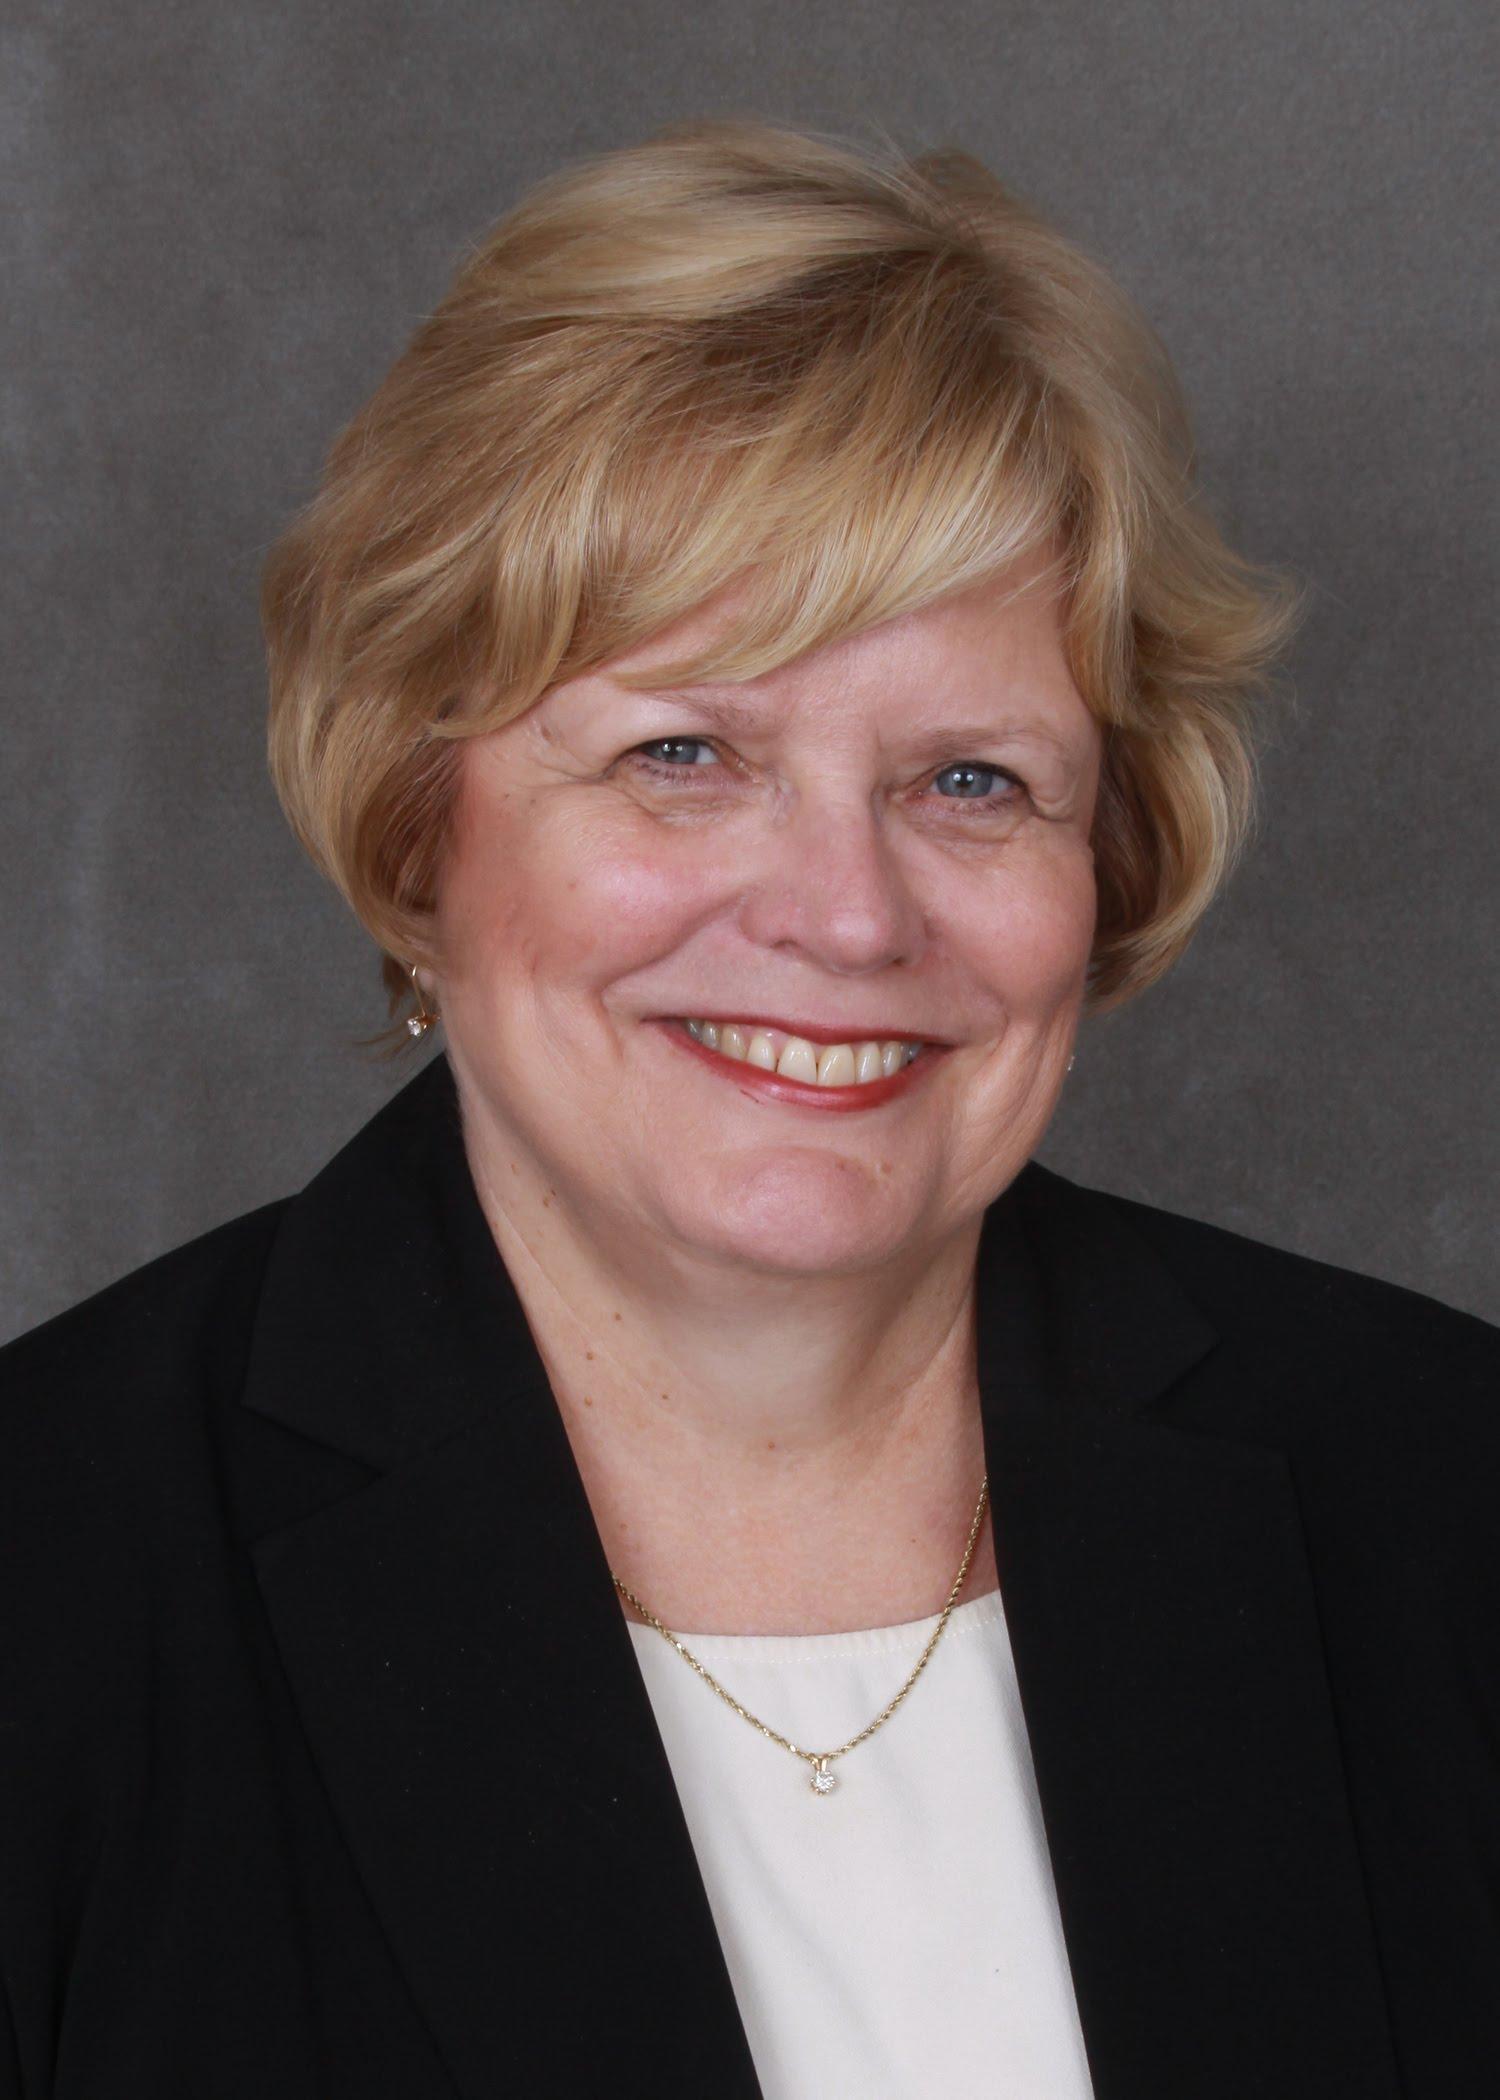 Nanette Fitzpatrick